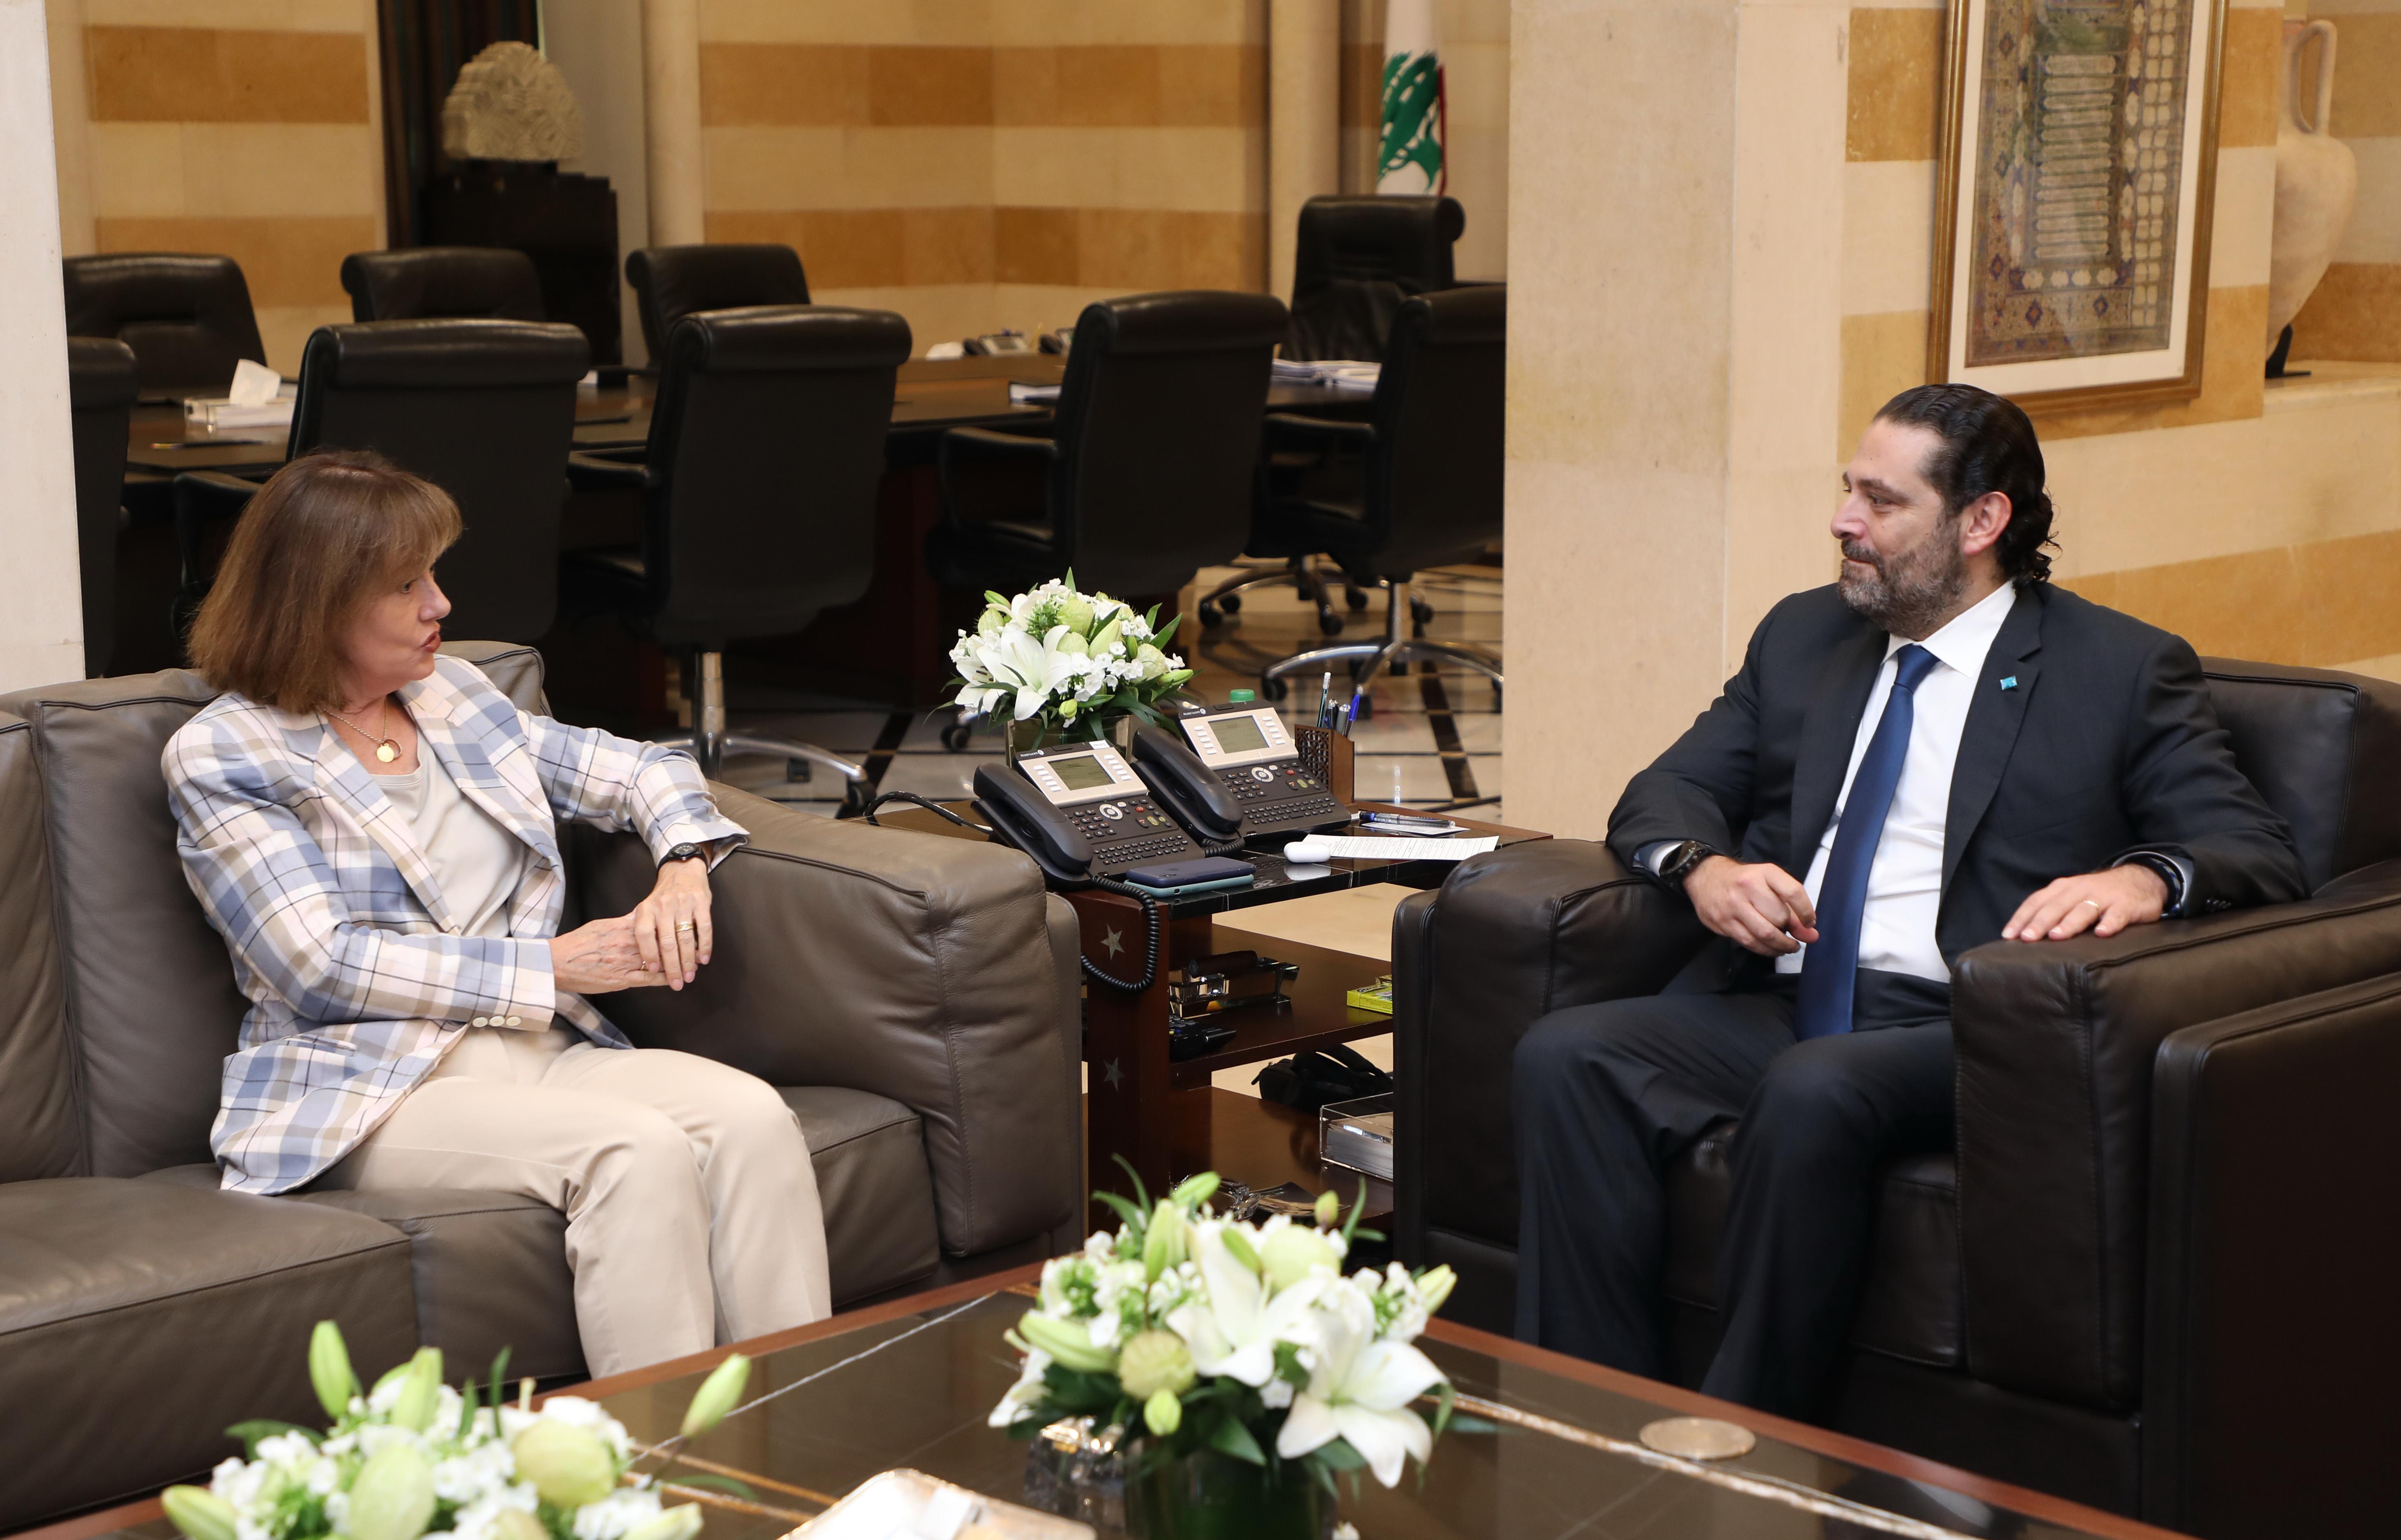 Pr minister Saad Hariri meets US Ambassador 1